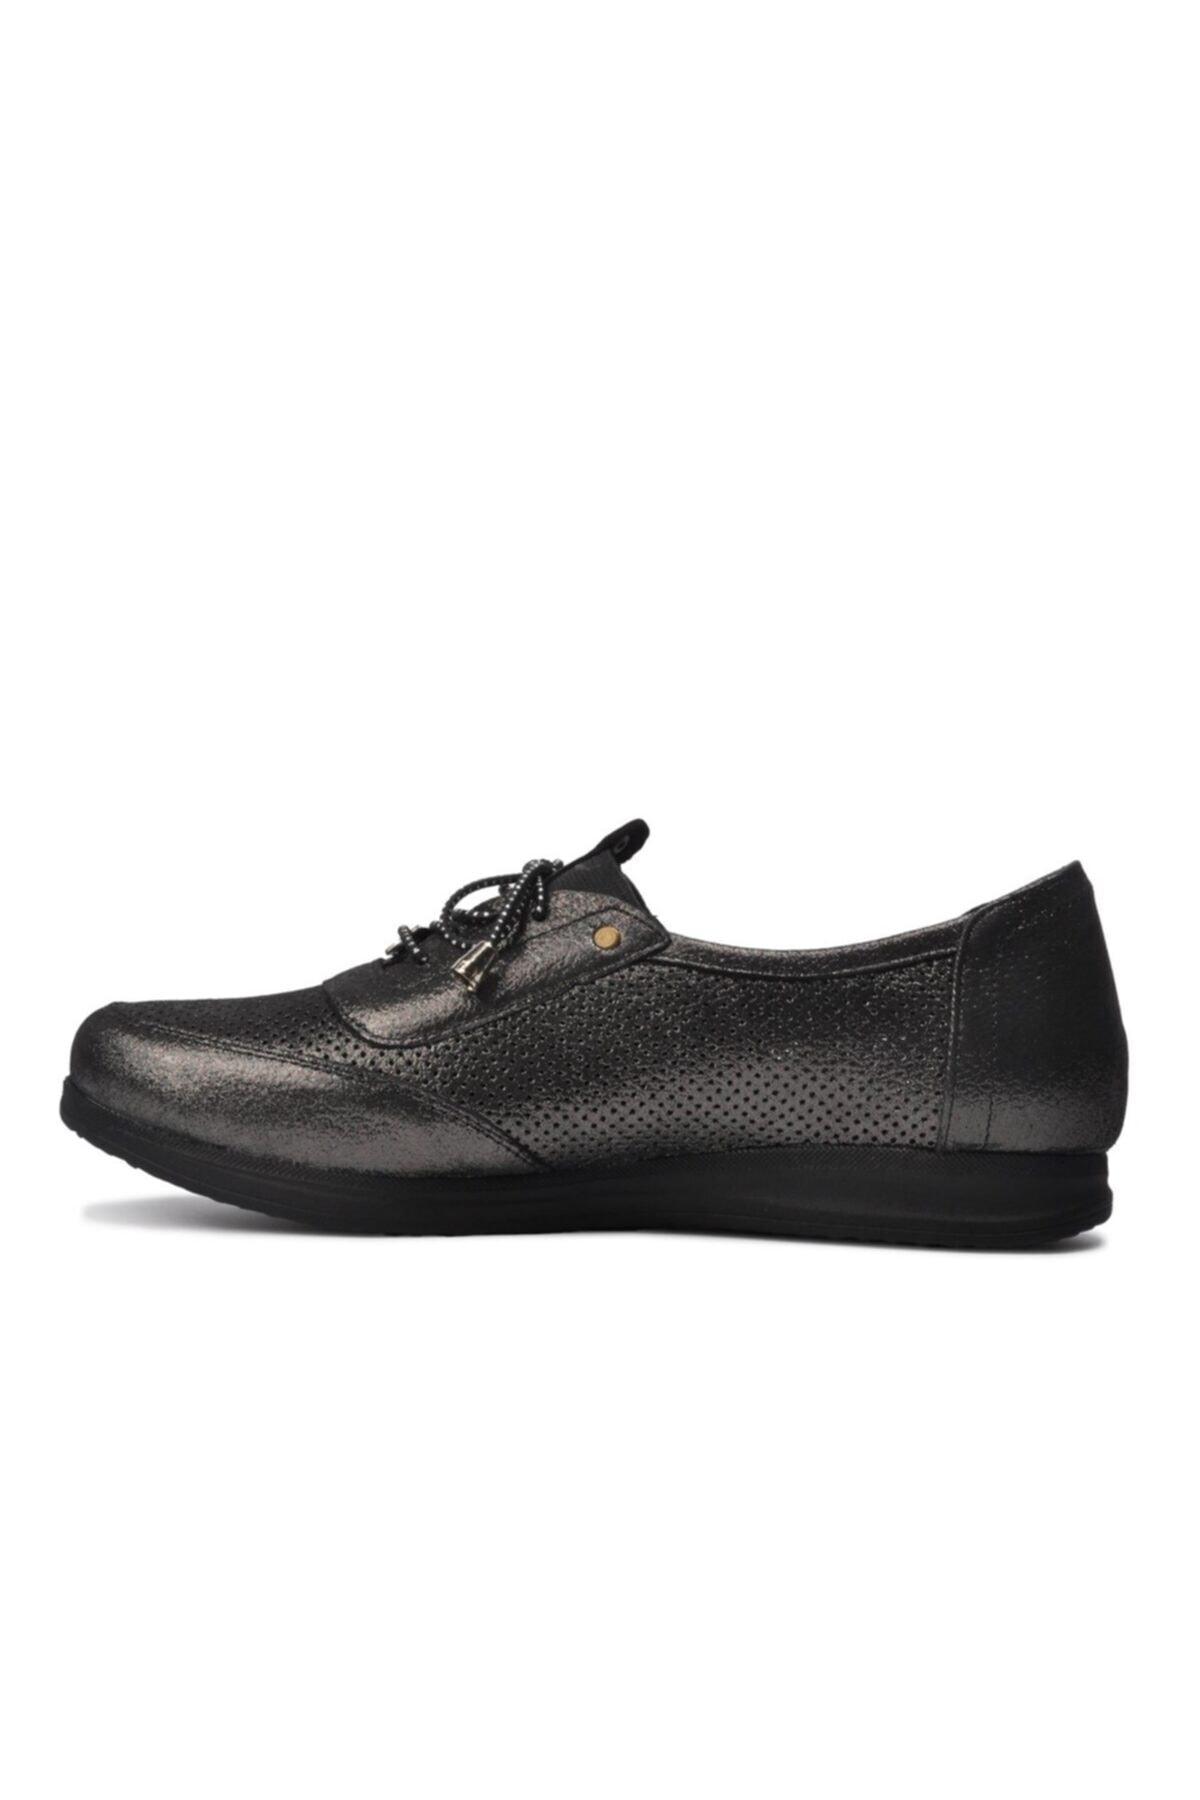 Pierre Cardin Kadın Platin Günlük Ayakkabı 2